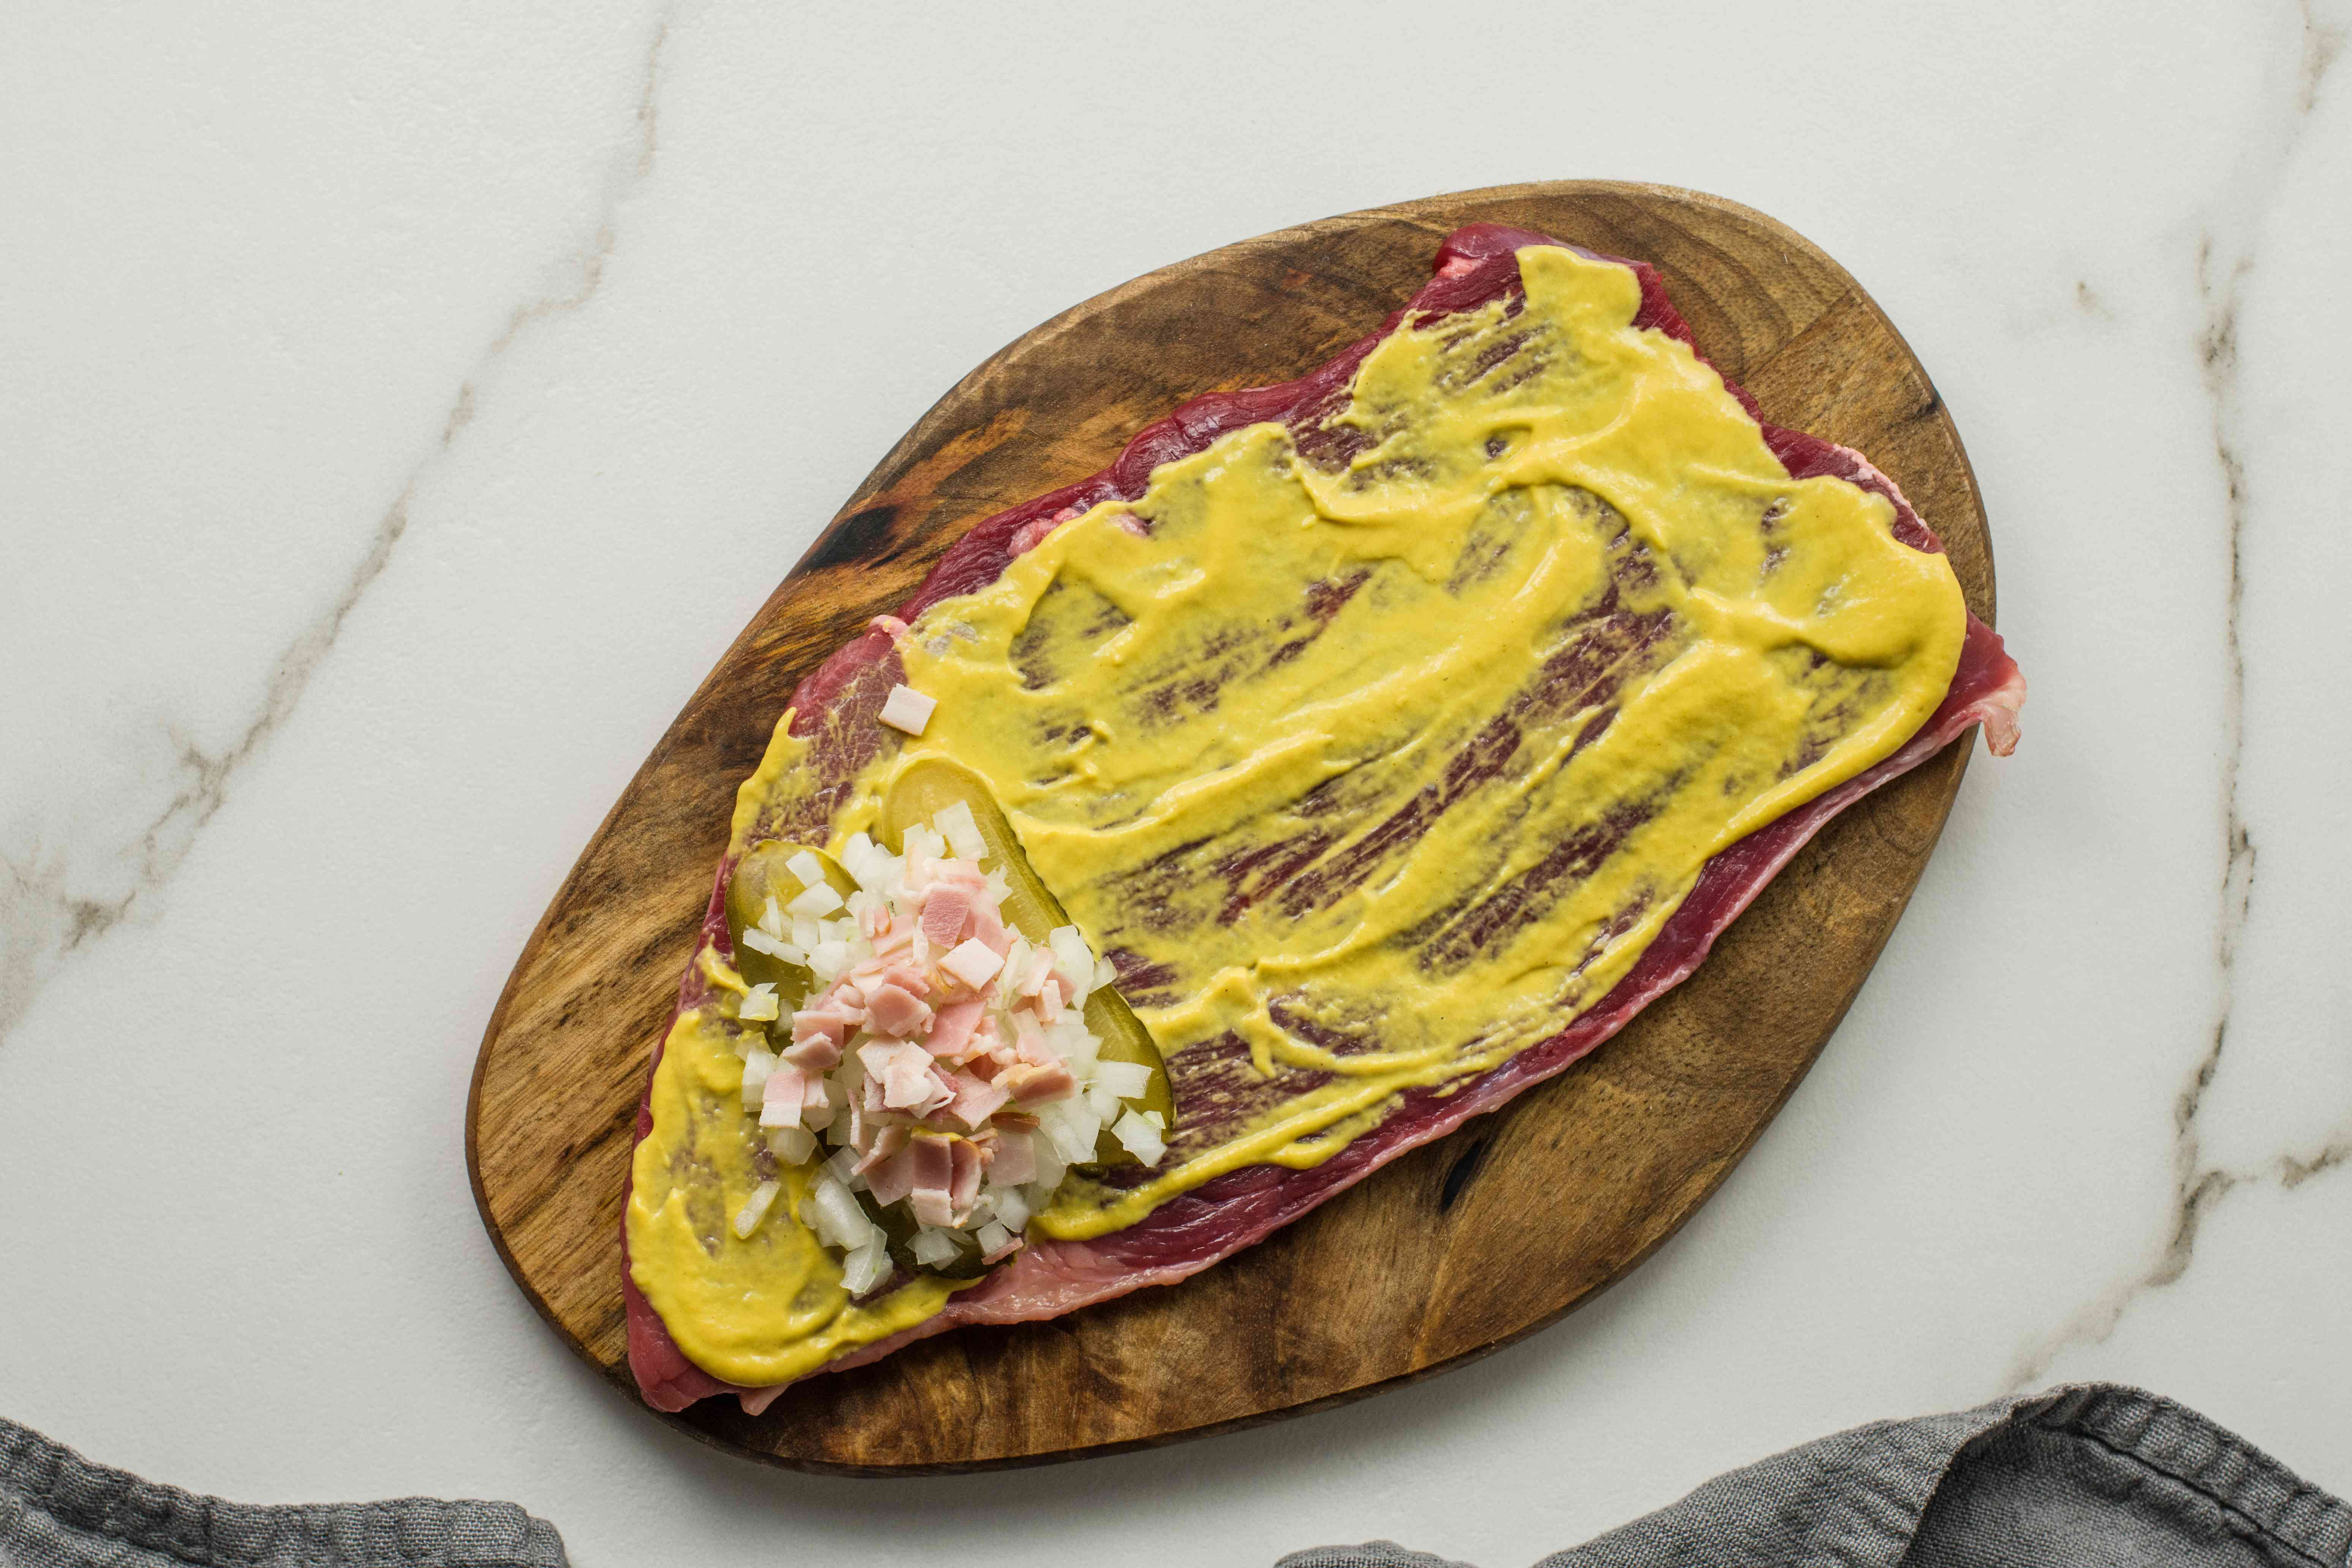 Spread mustard